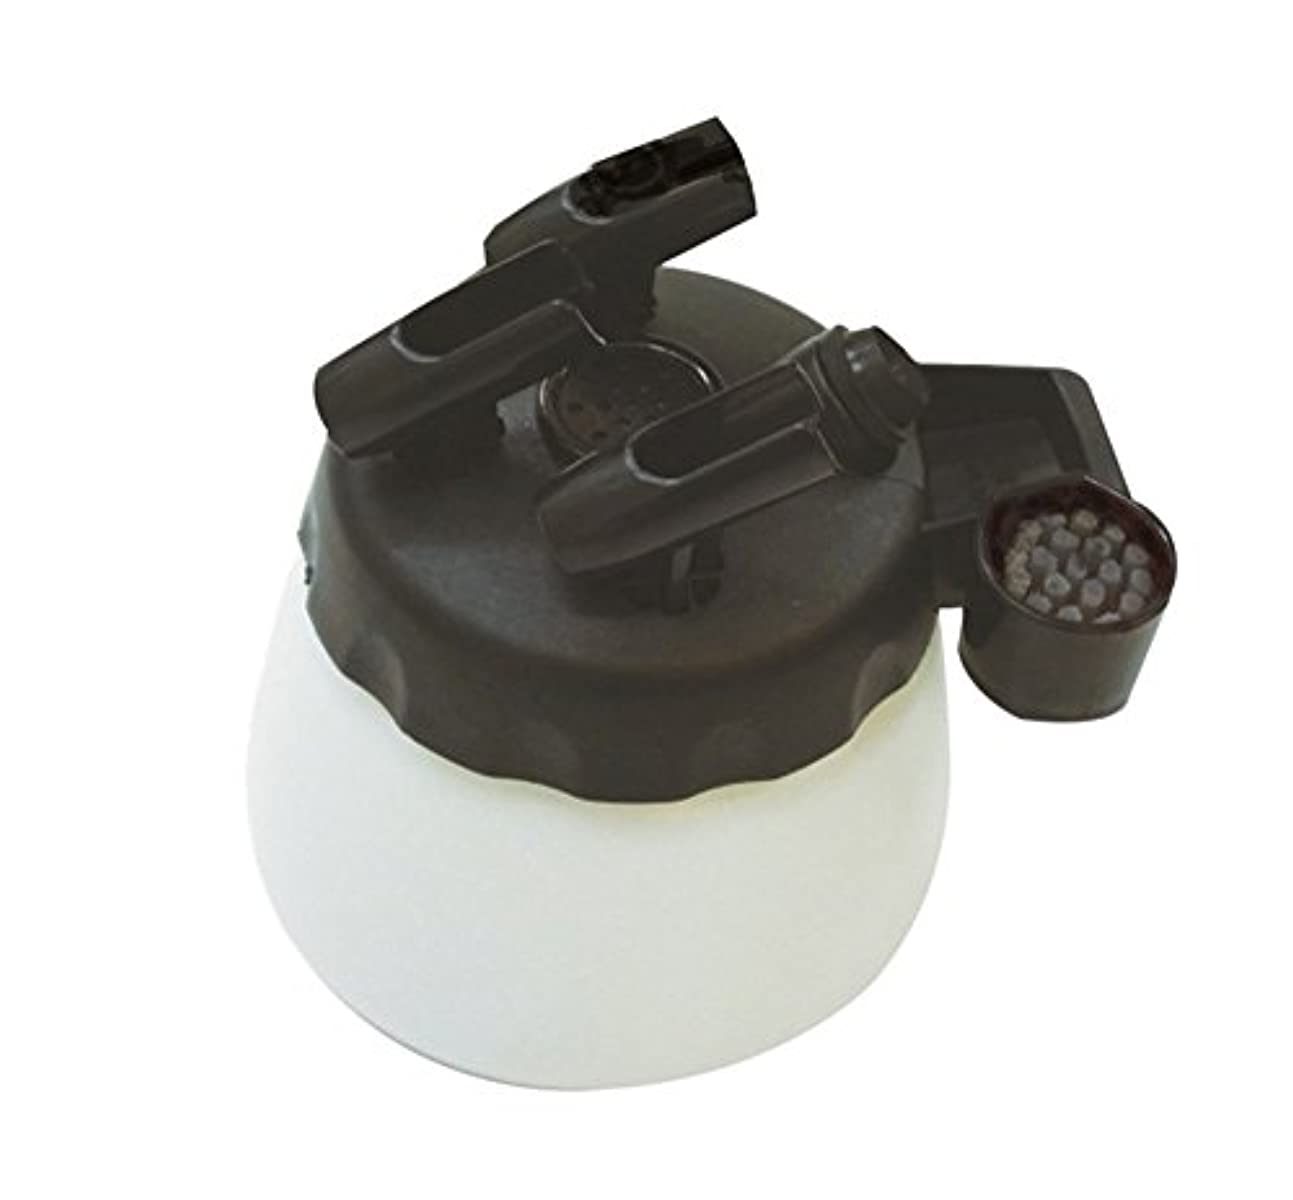 容器愚か夕食を食べるAIRTEX クリーナーボトル ケトル2 エアブラシ洗浄